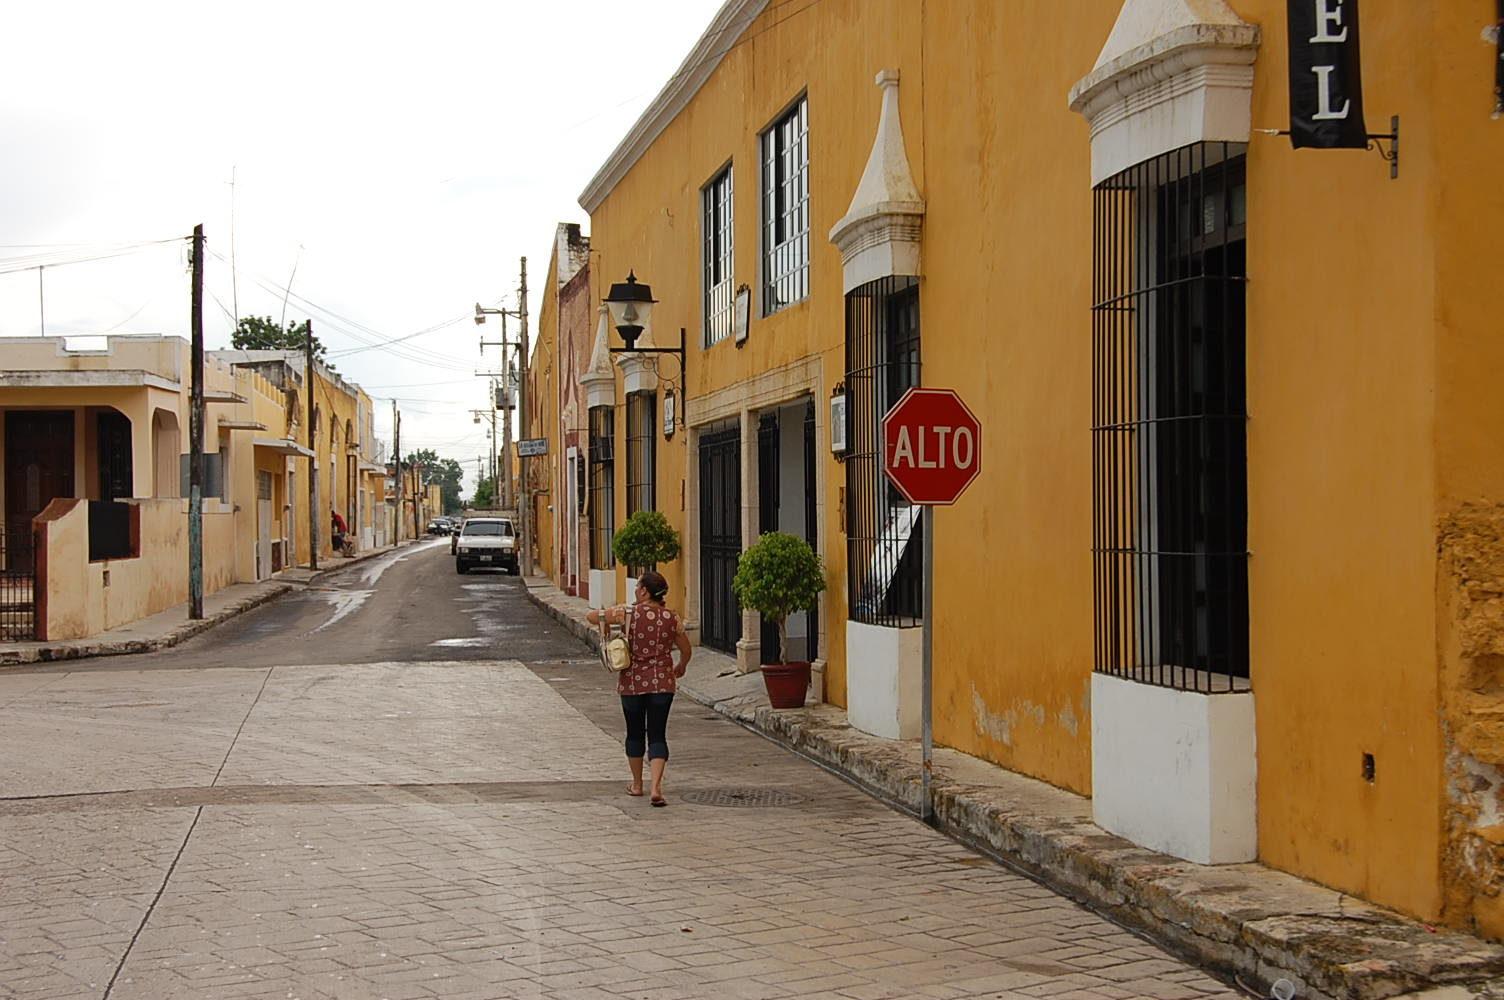 édifices-jaunes-rues-izamal-yucatan